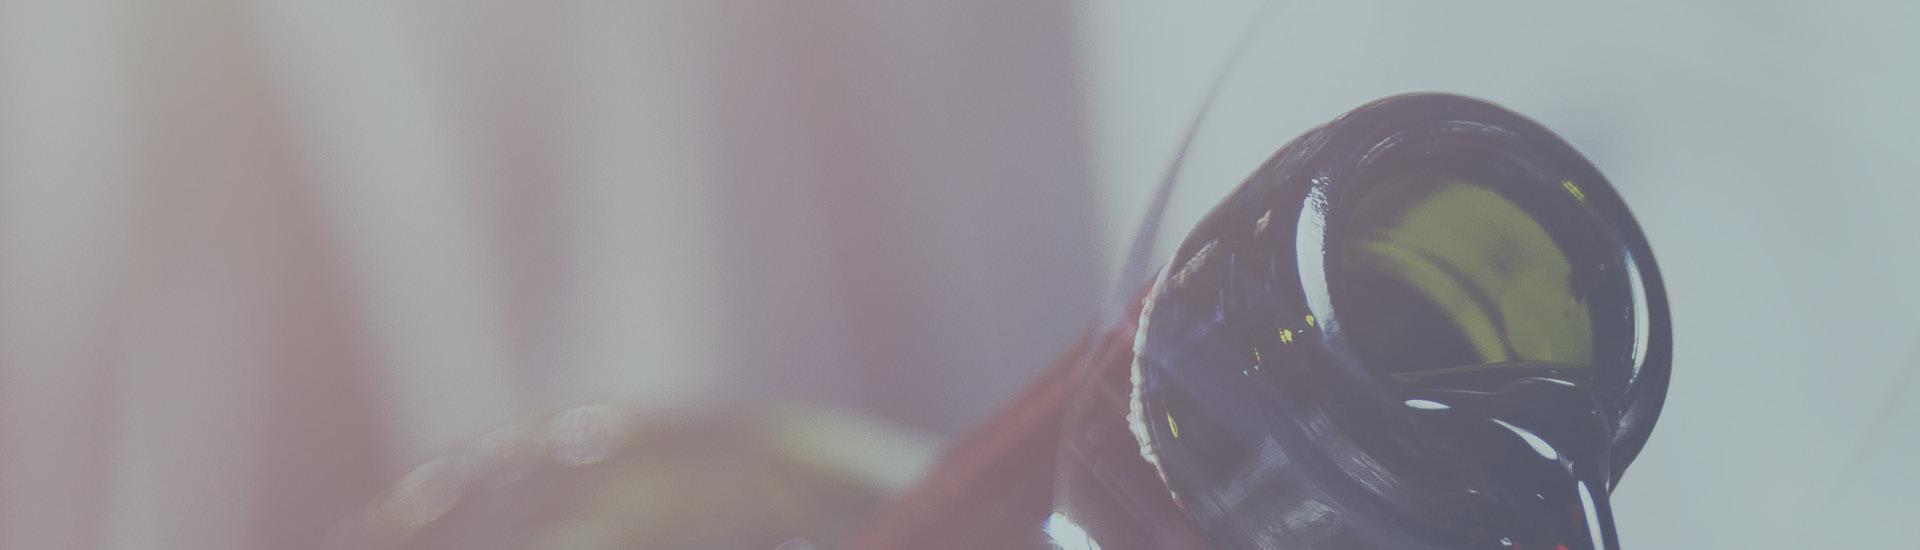 Zwei Riedel Gläser 'Merlot/Cabernet' GRATIS ab einem Bestellwert von 299,-! 05/2021 - Slider